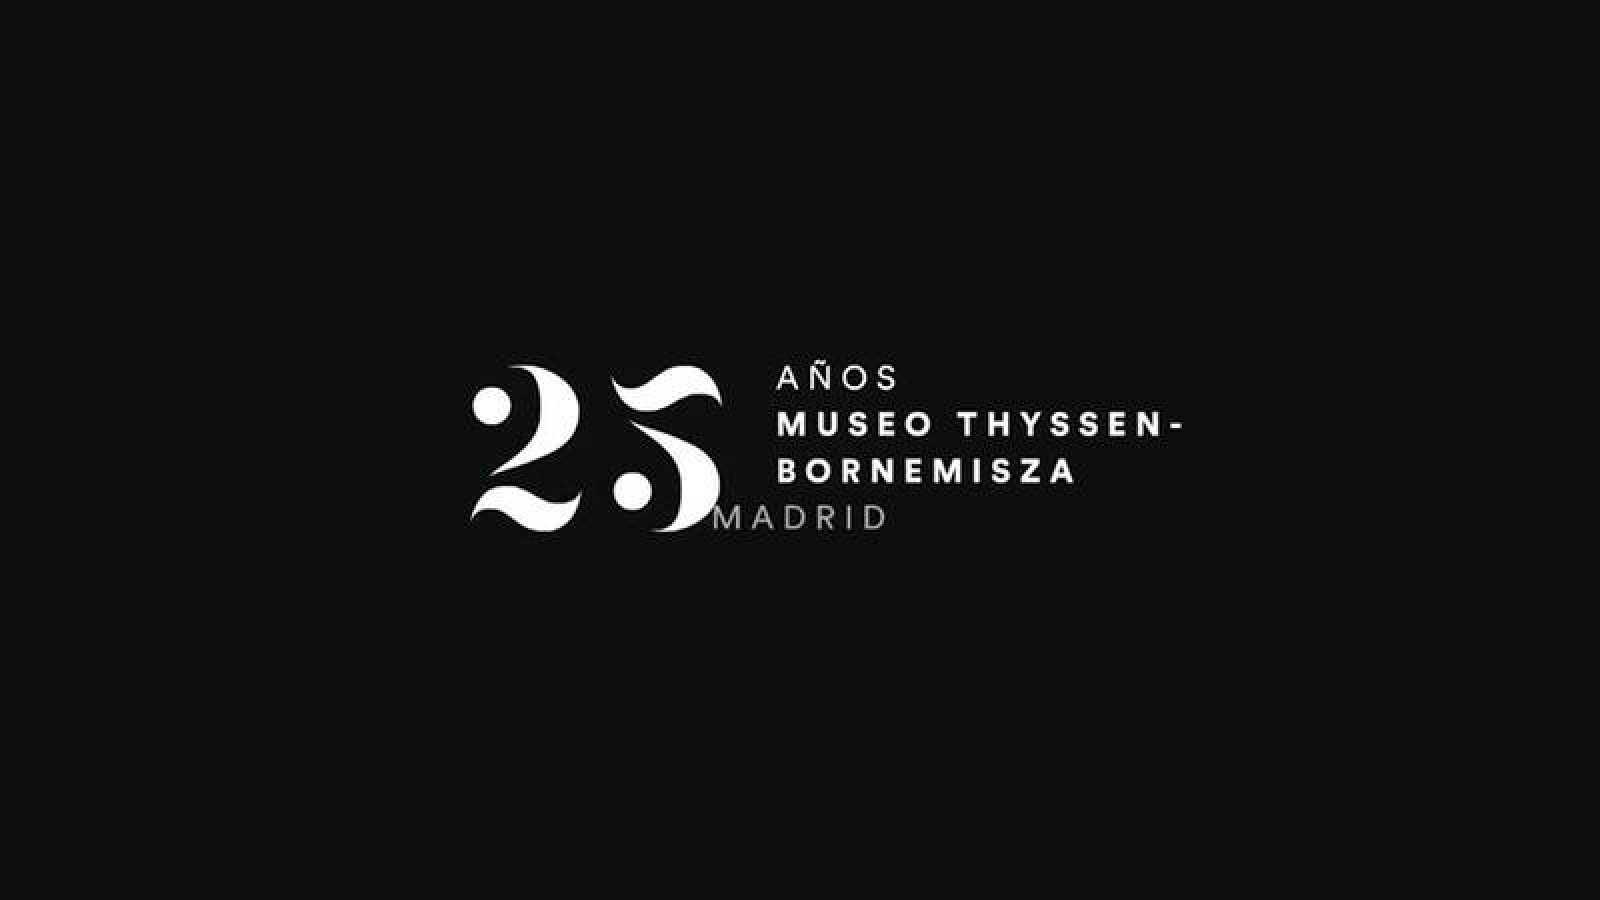 XXV aniversario del Museo Thyssen-Bornemisza